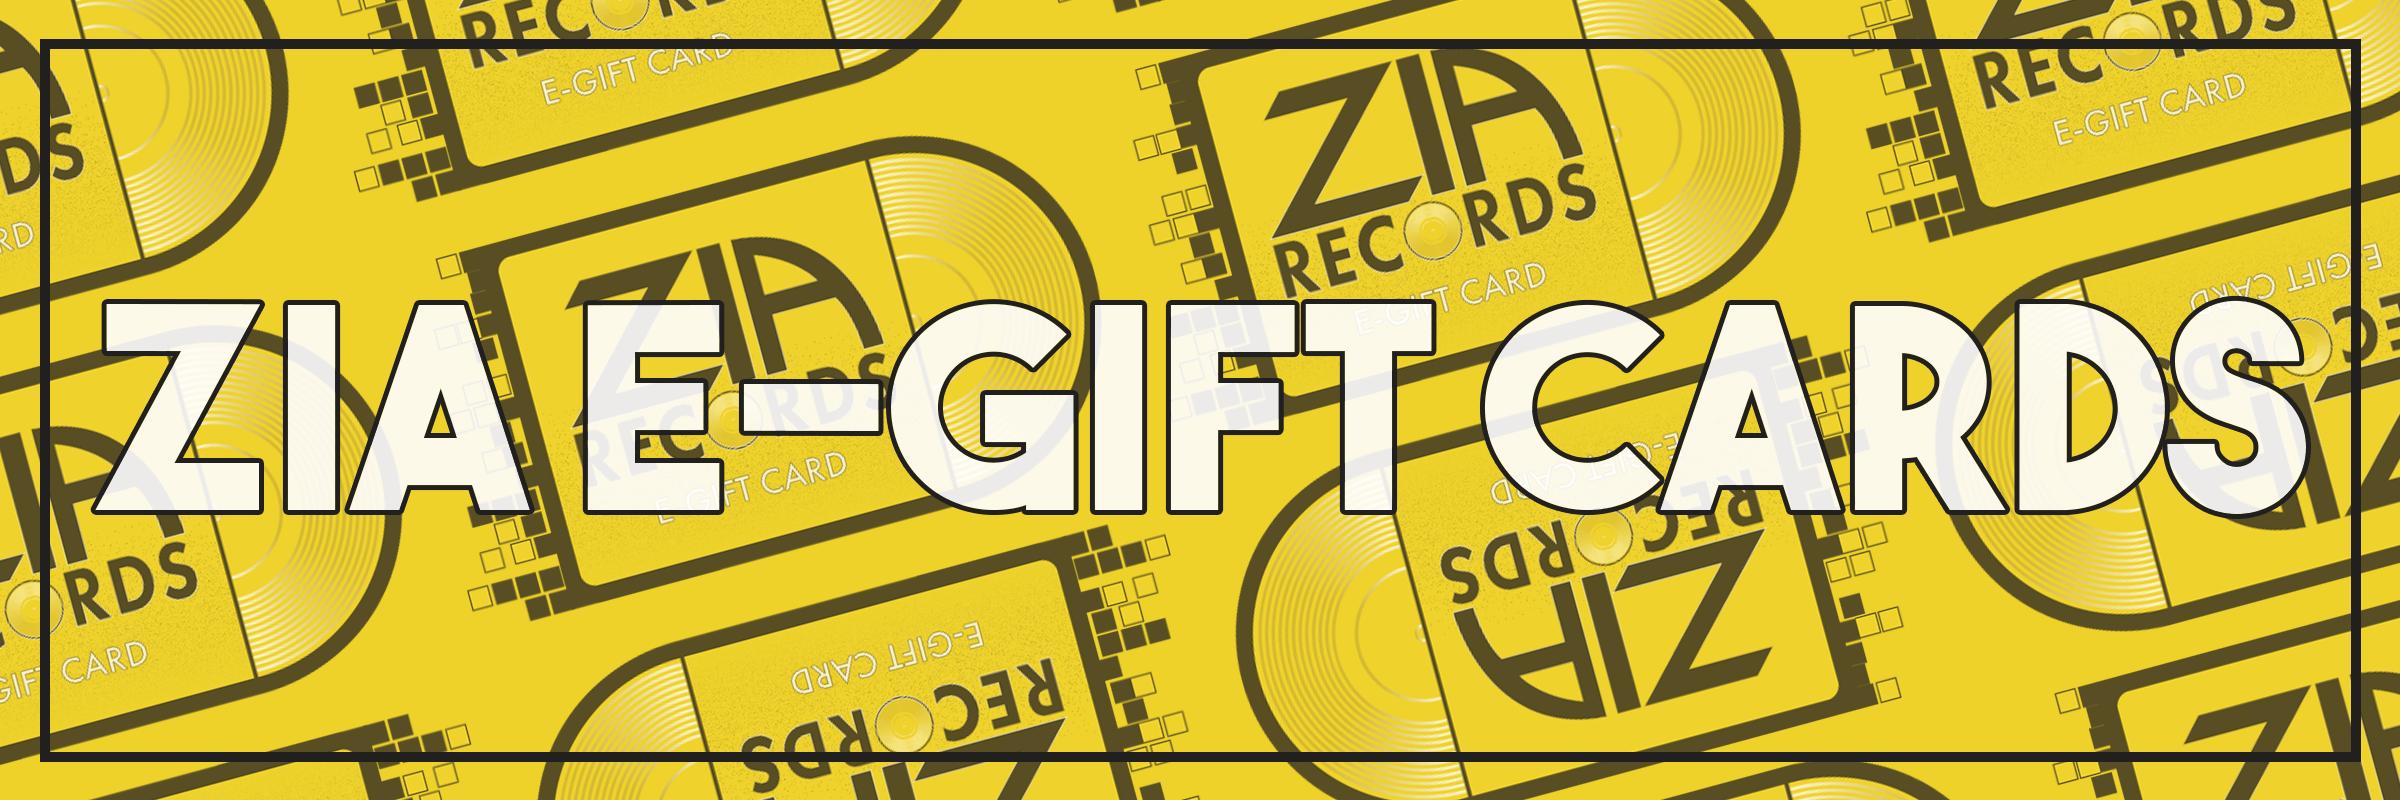 Zia E-Gift Cards